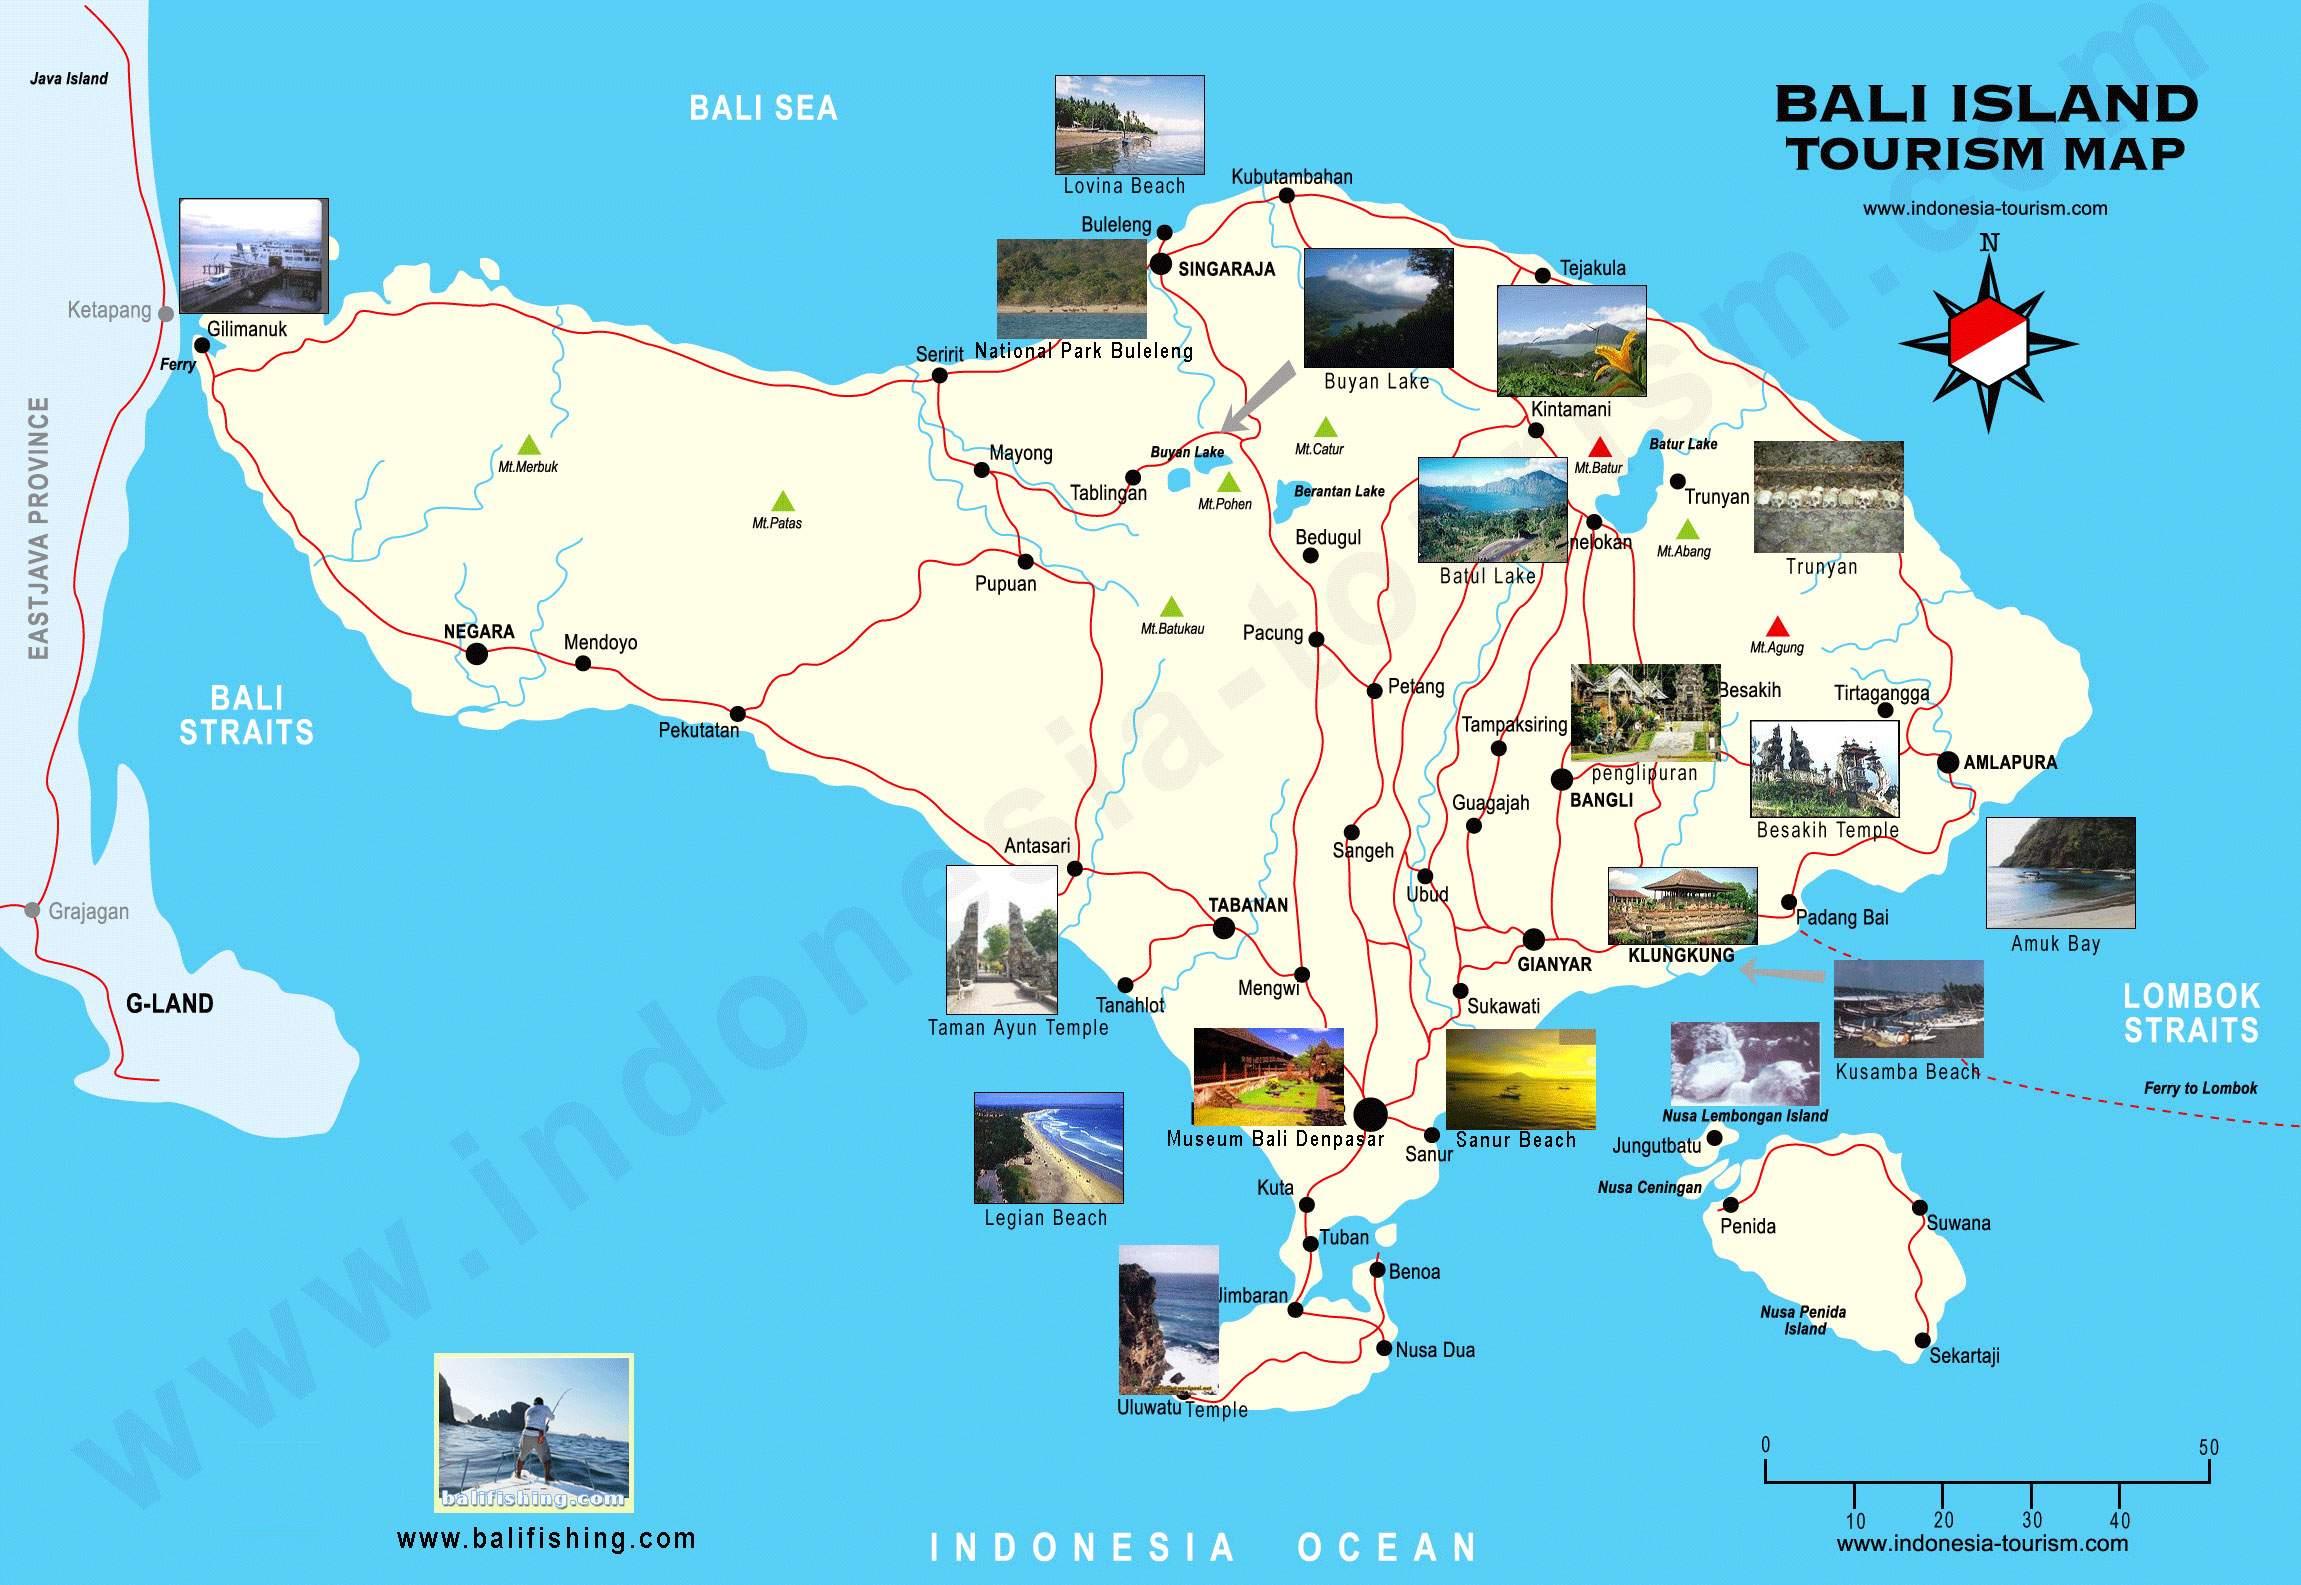 Stadtplan von Bali | Detaillierte gedruckte Karten von Bali